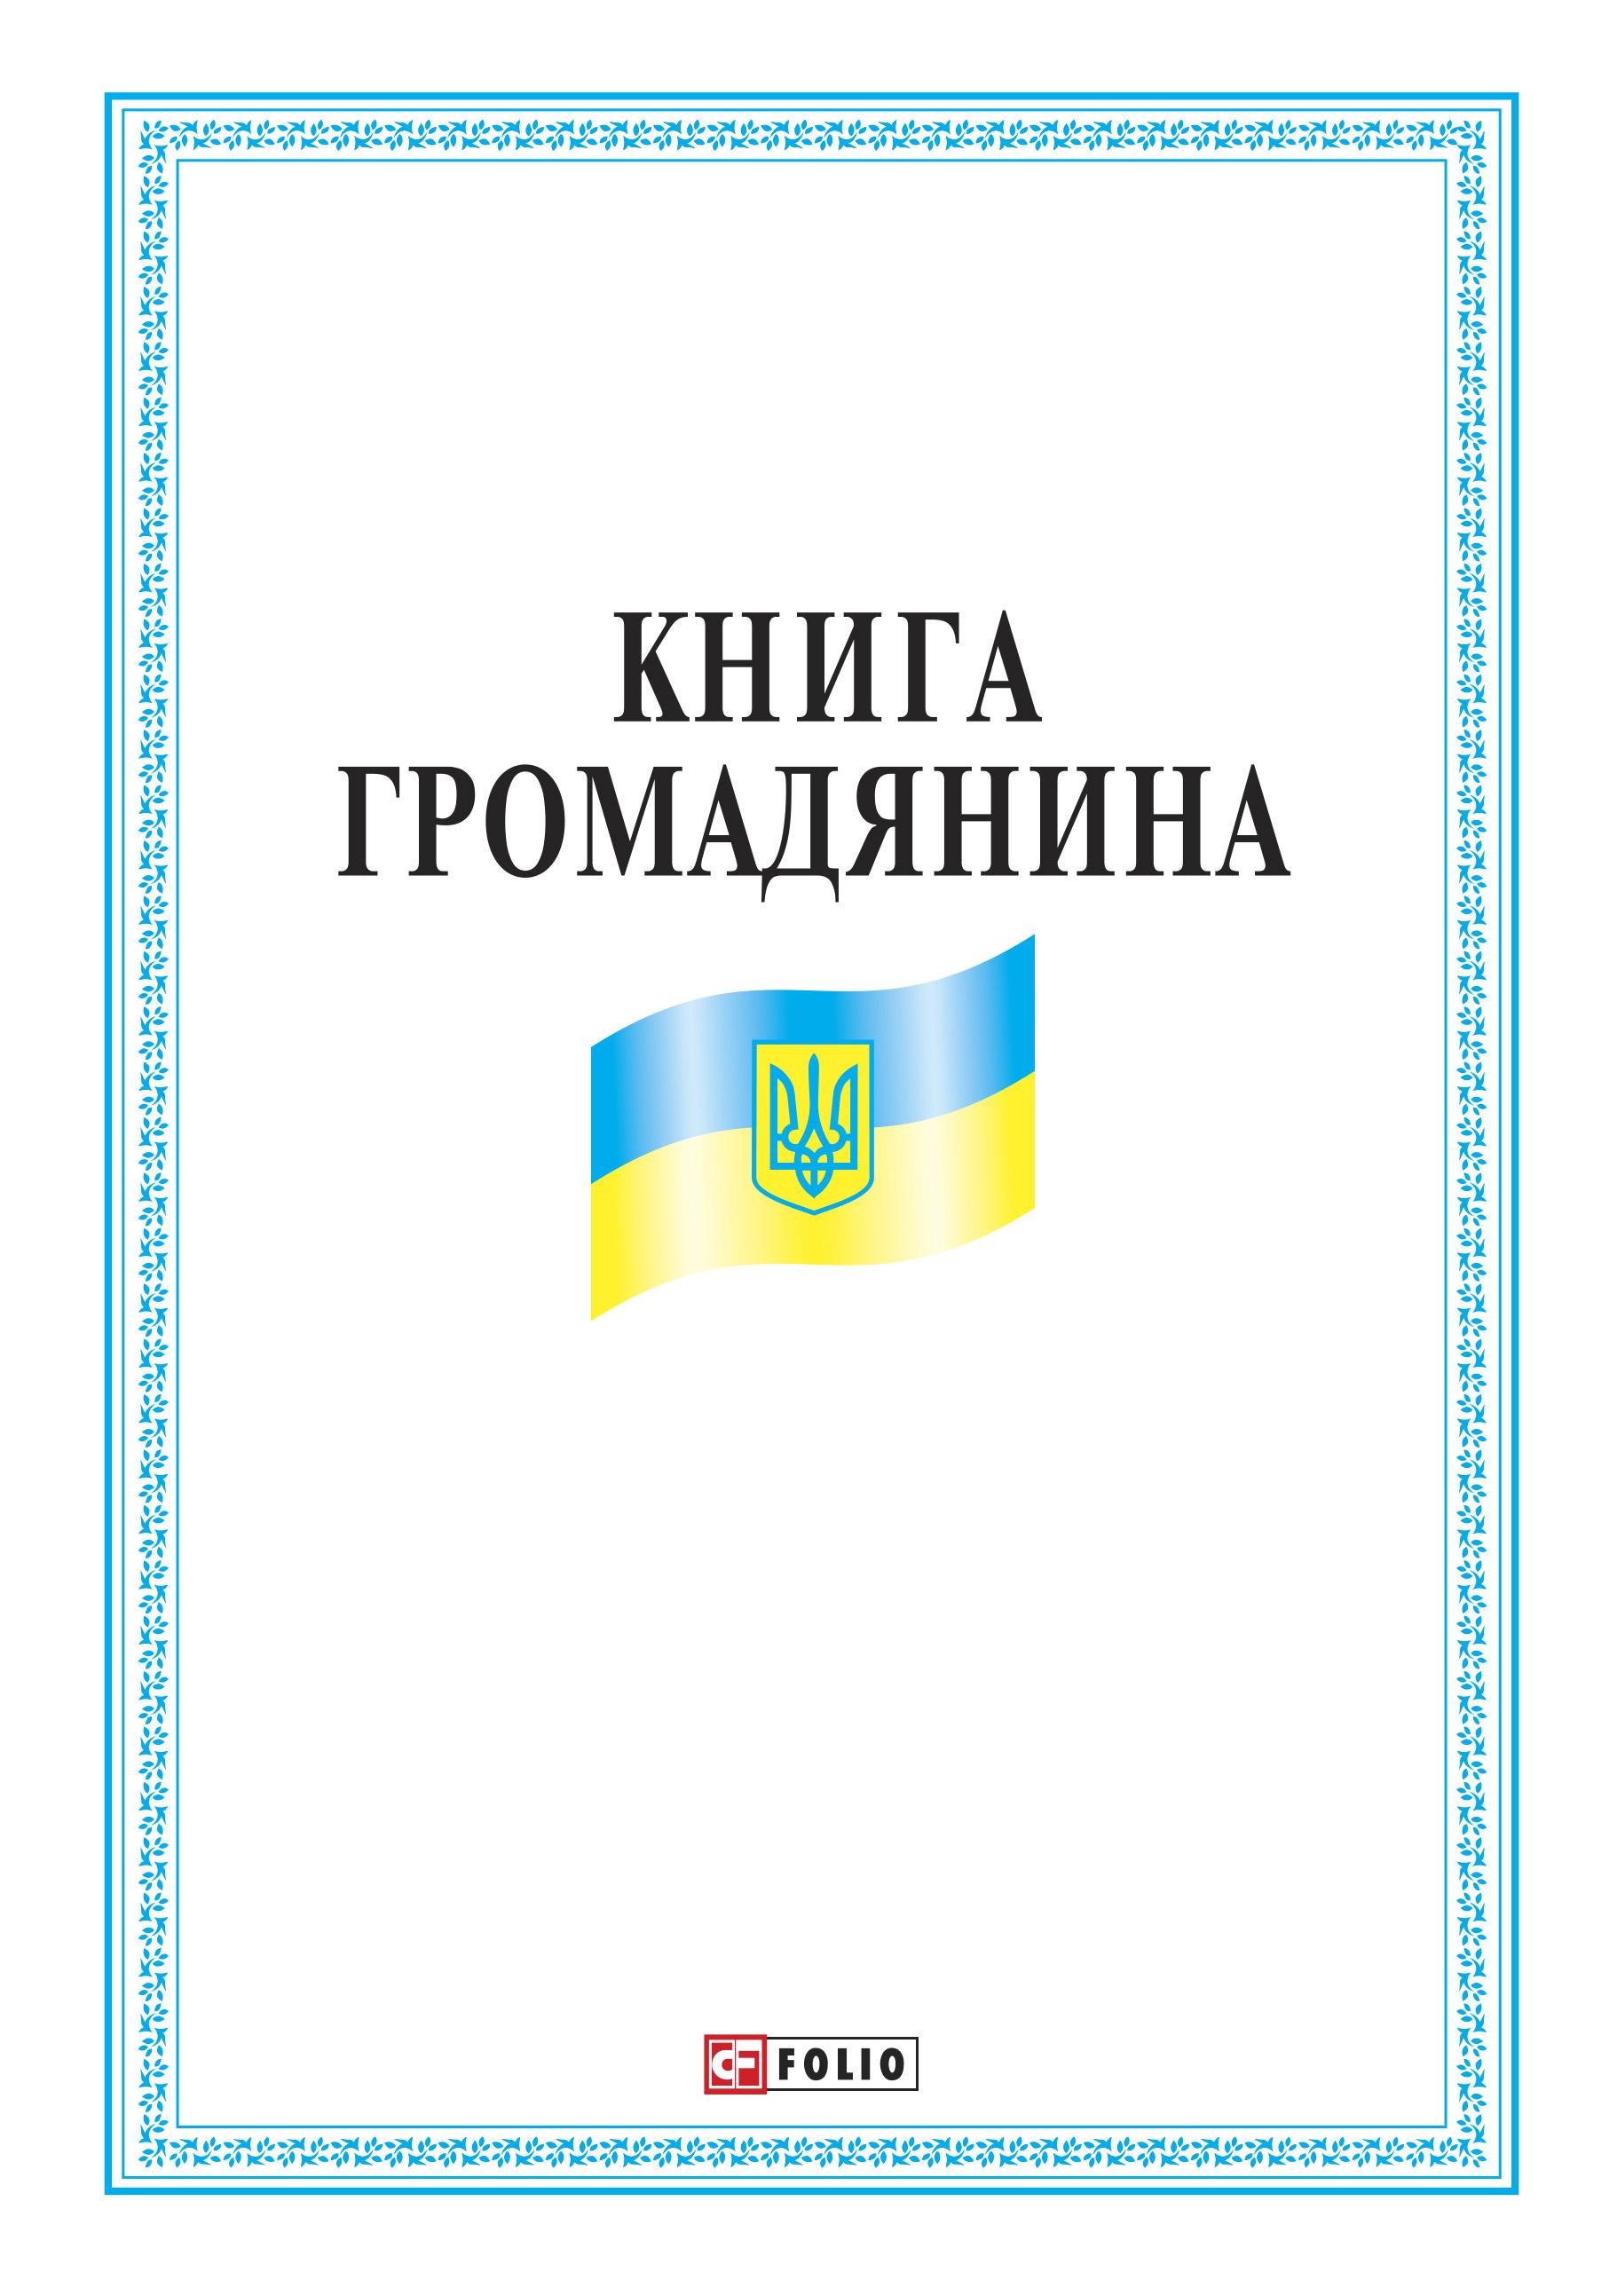 Книга громадянина фото